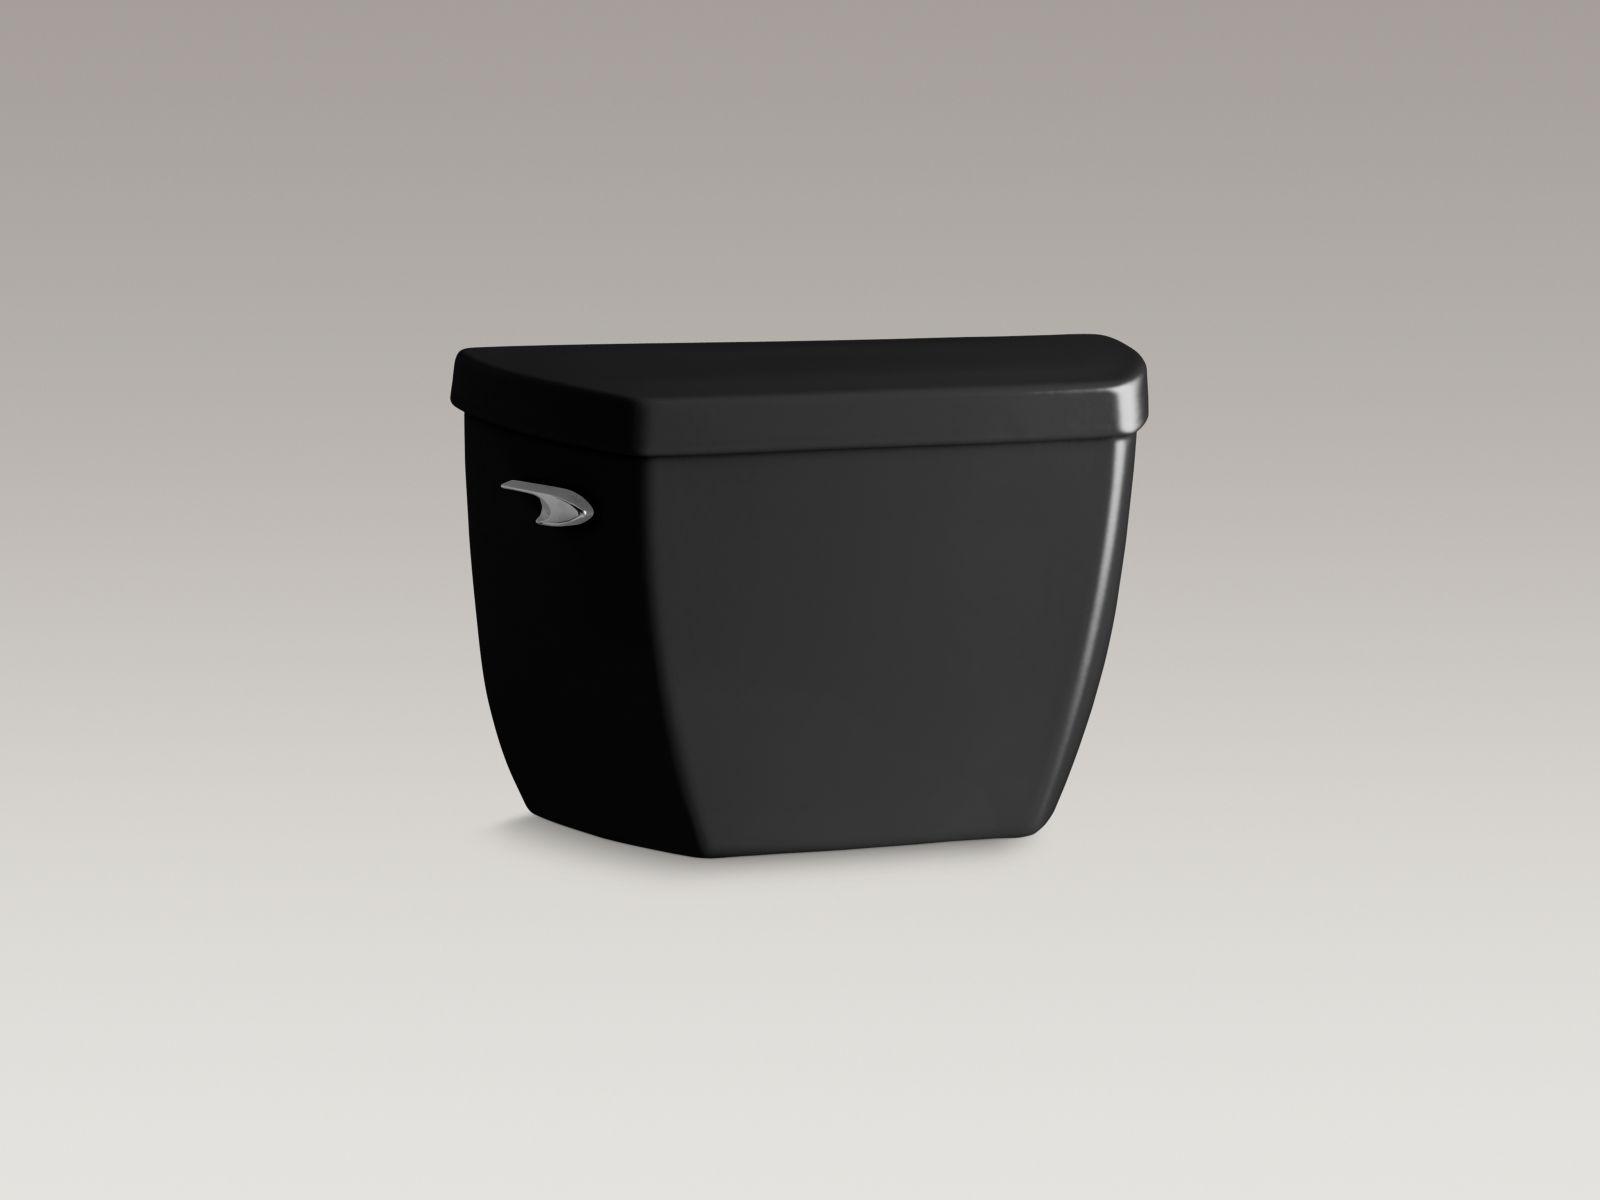 Kohler K-4645-7 Highline Classic 1.6 GPF Pressure Lite Toilet Tank with Left-hand Trip Lever Black